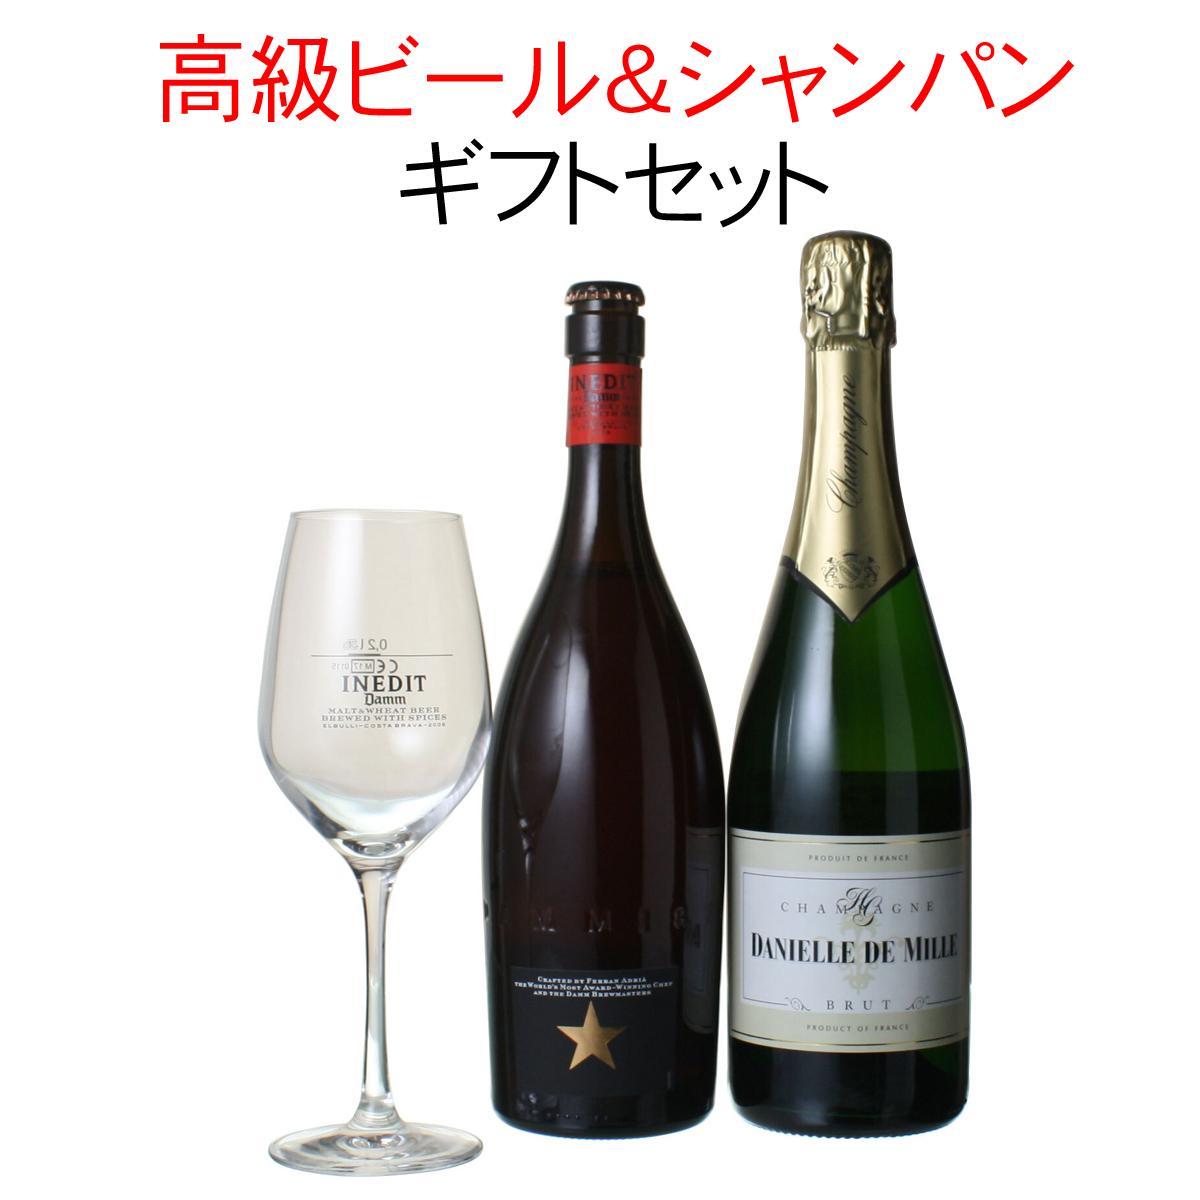 送料無料 ビールもシャンパンも 爆買い送料無料 イネディット シャンパン グラスギフトセット イネディット750ml 離島は別料金加算 シャンパン各1 専用グラス1 1年保証 沖縄